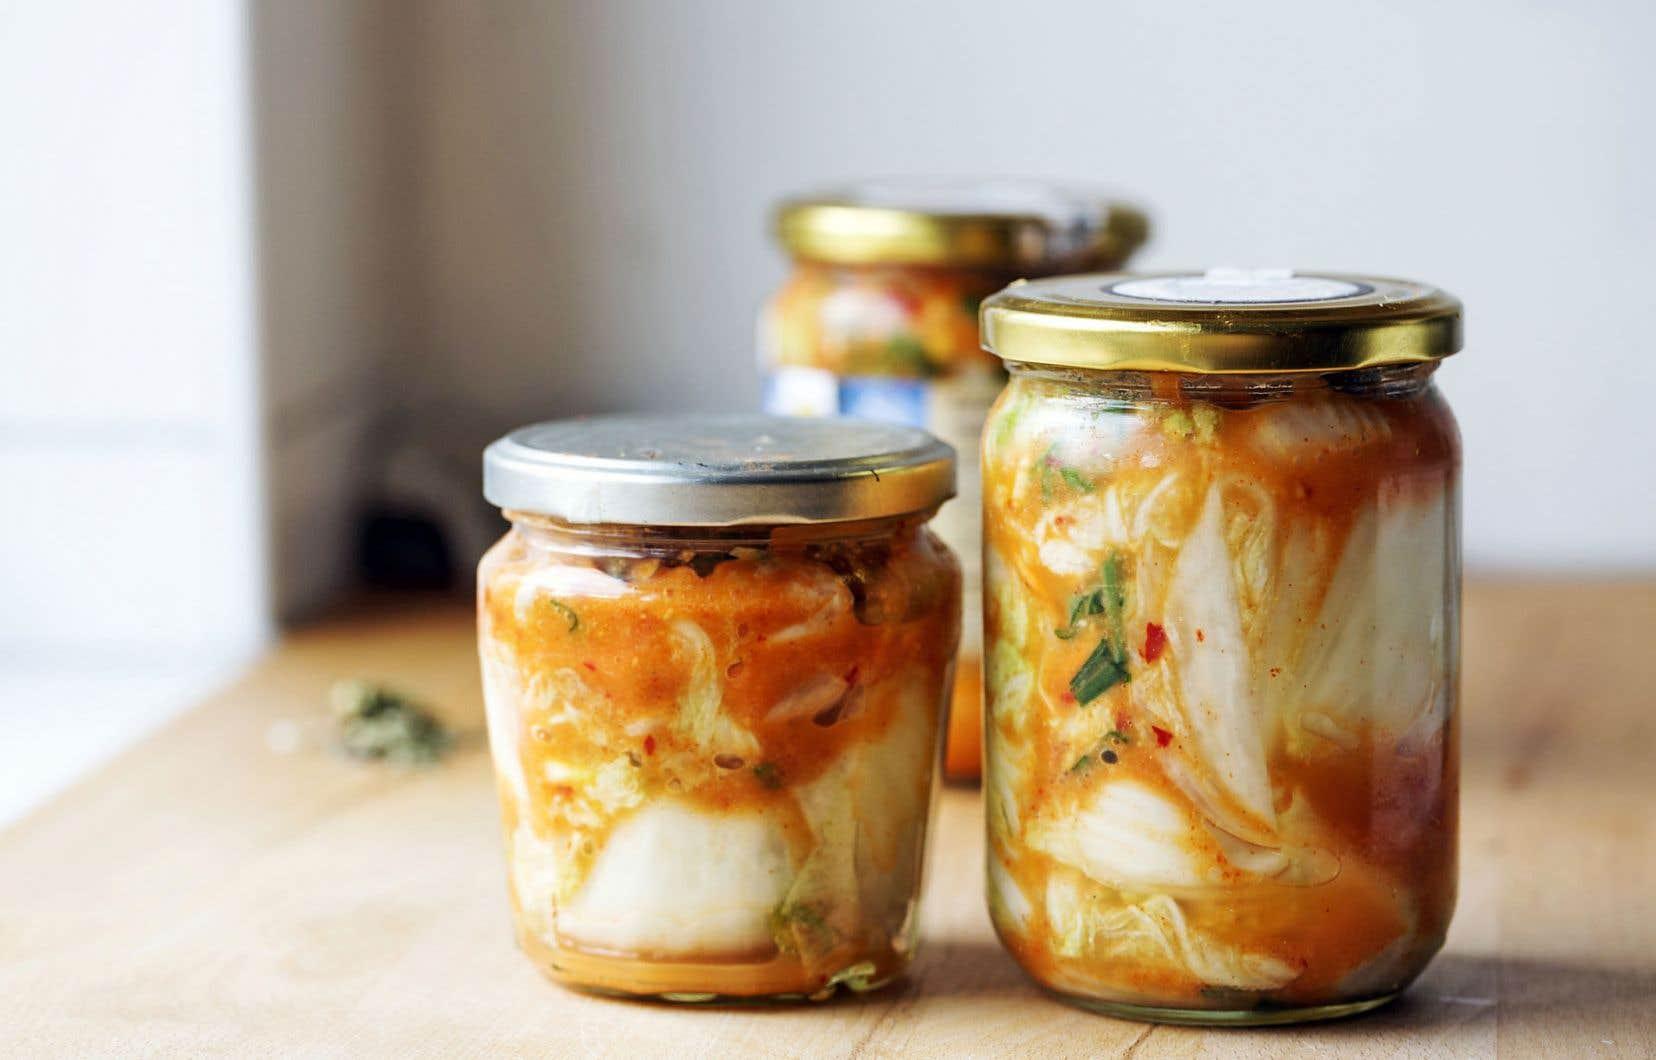 Les légumes fermentés, comme le kimchi, sont riches en probiotiques.